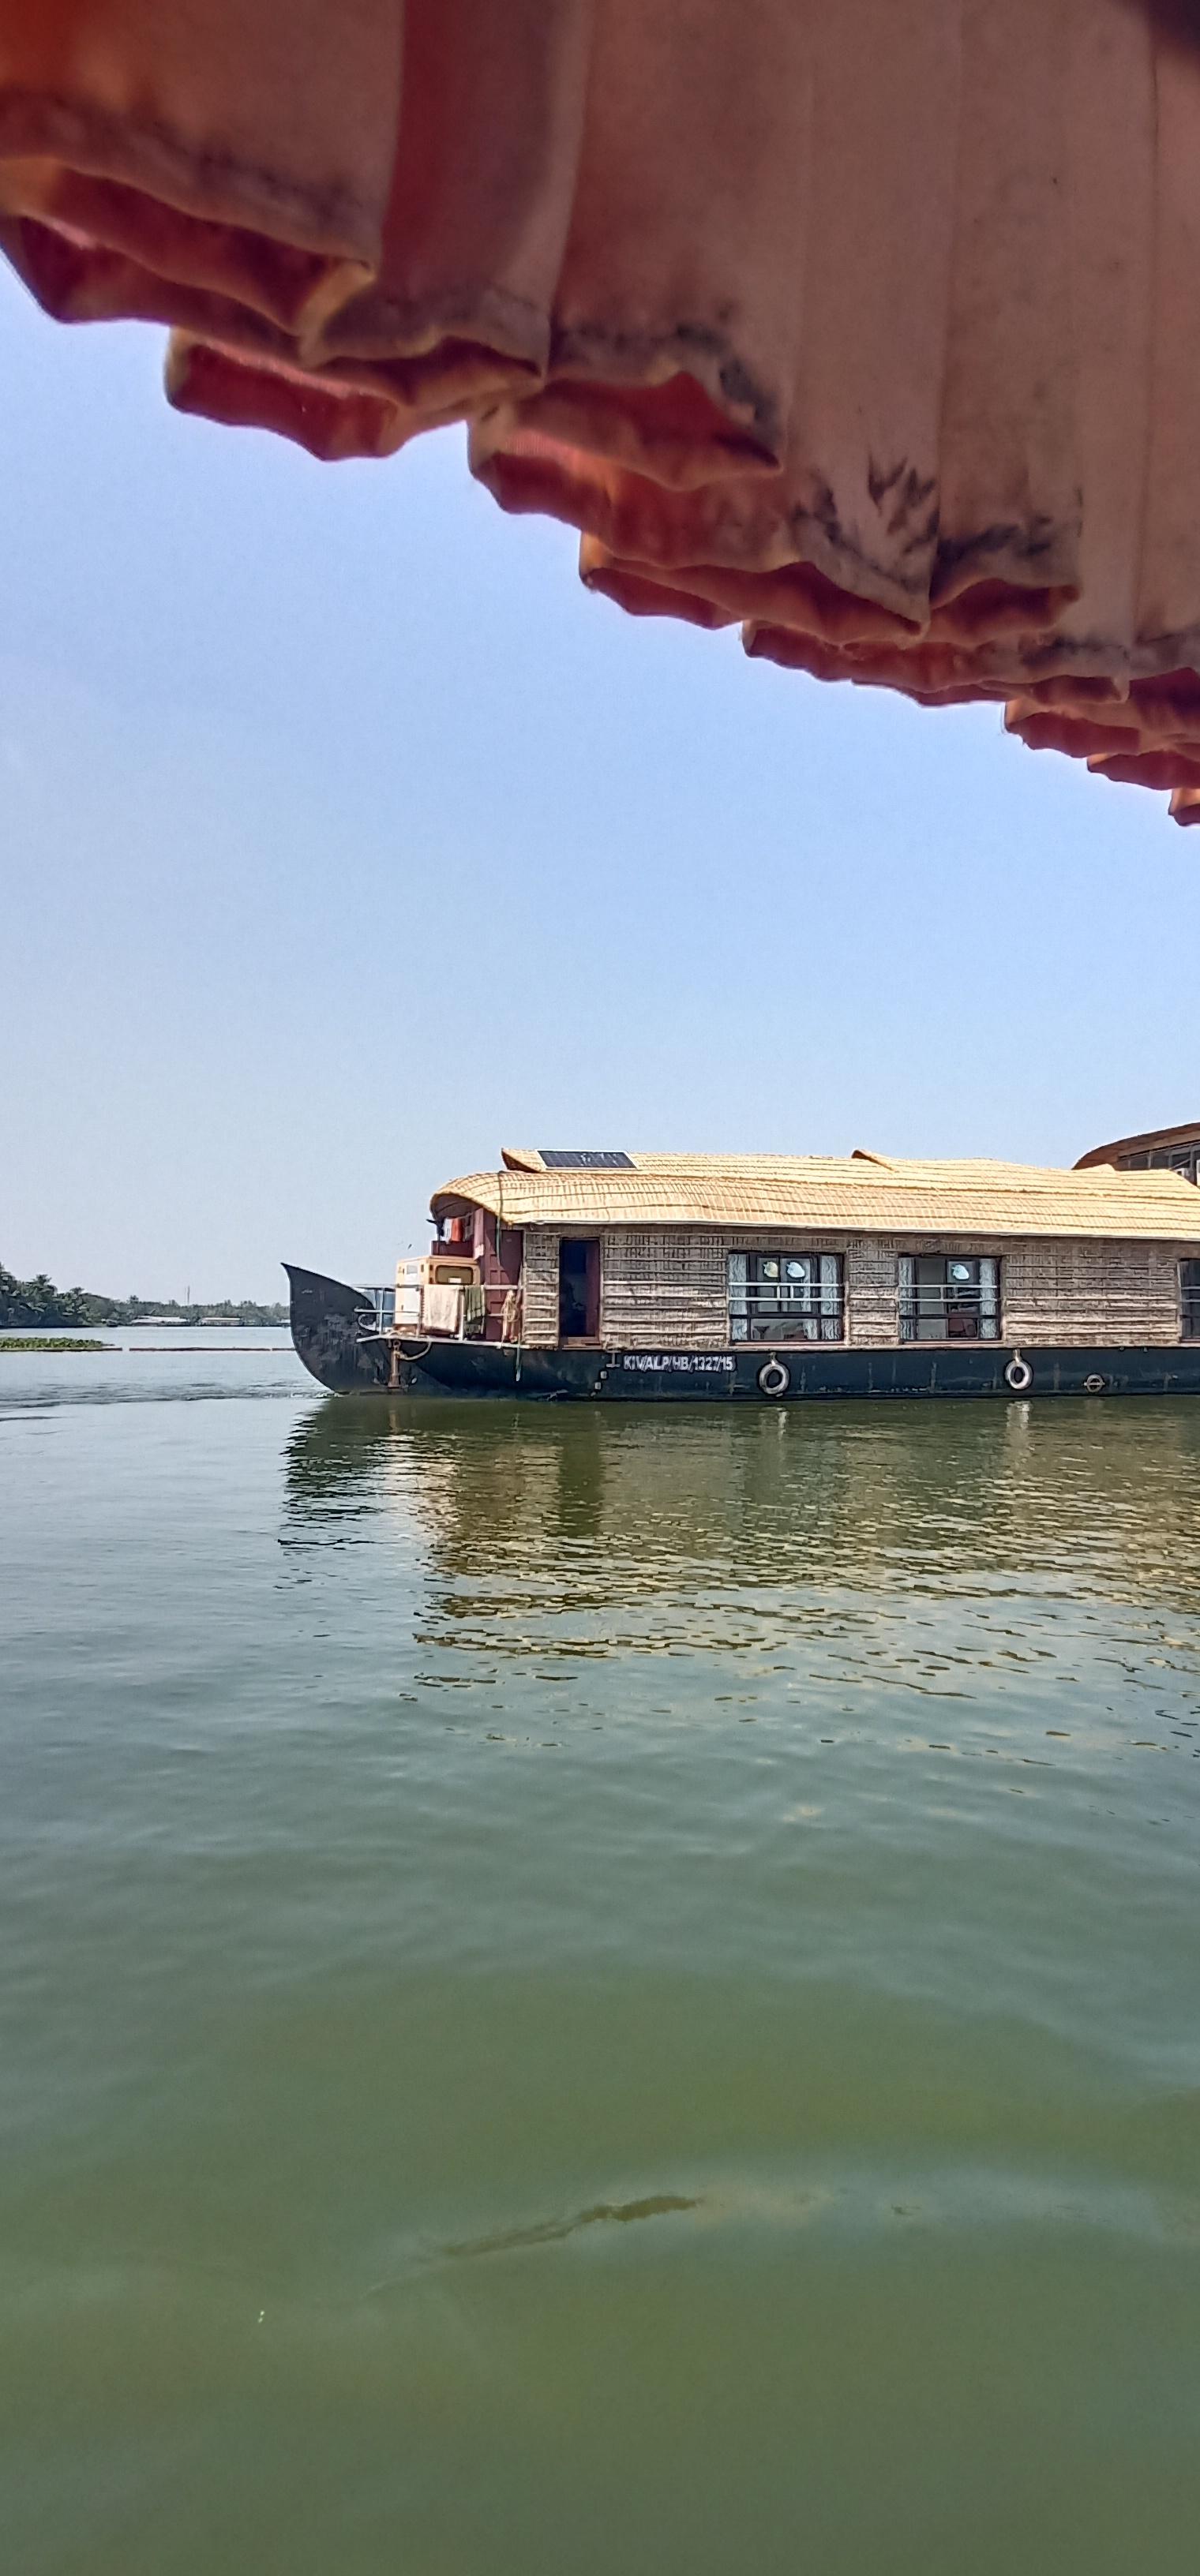 Alleppy_Backwaters_Kerala_houseboat